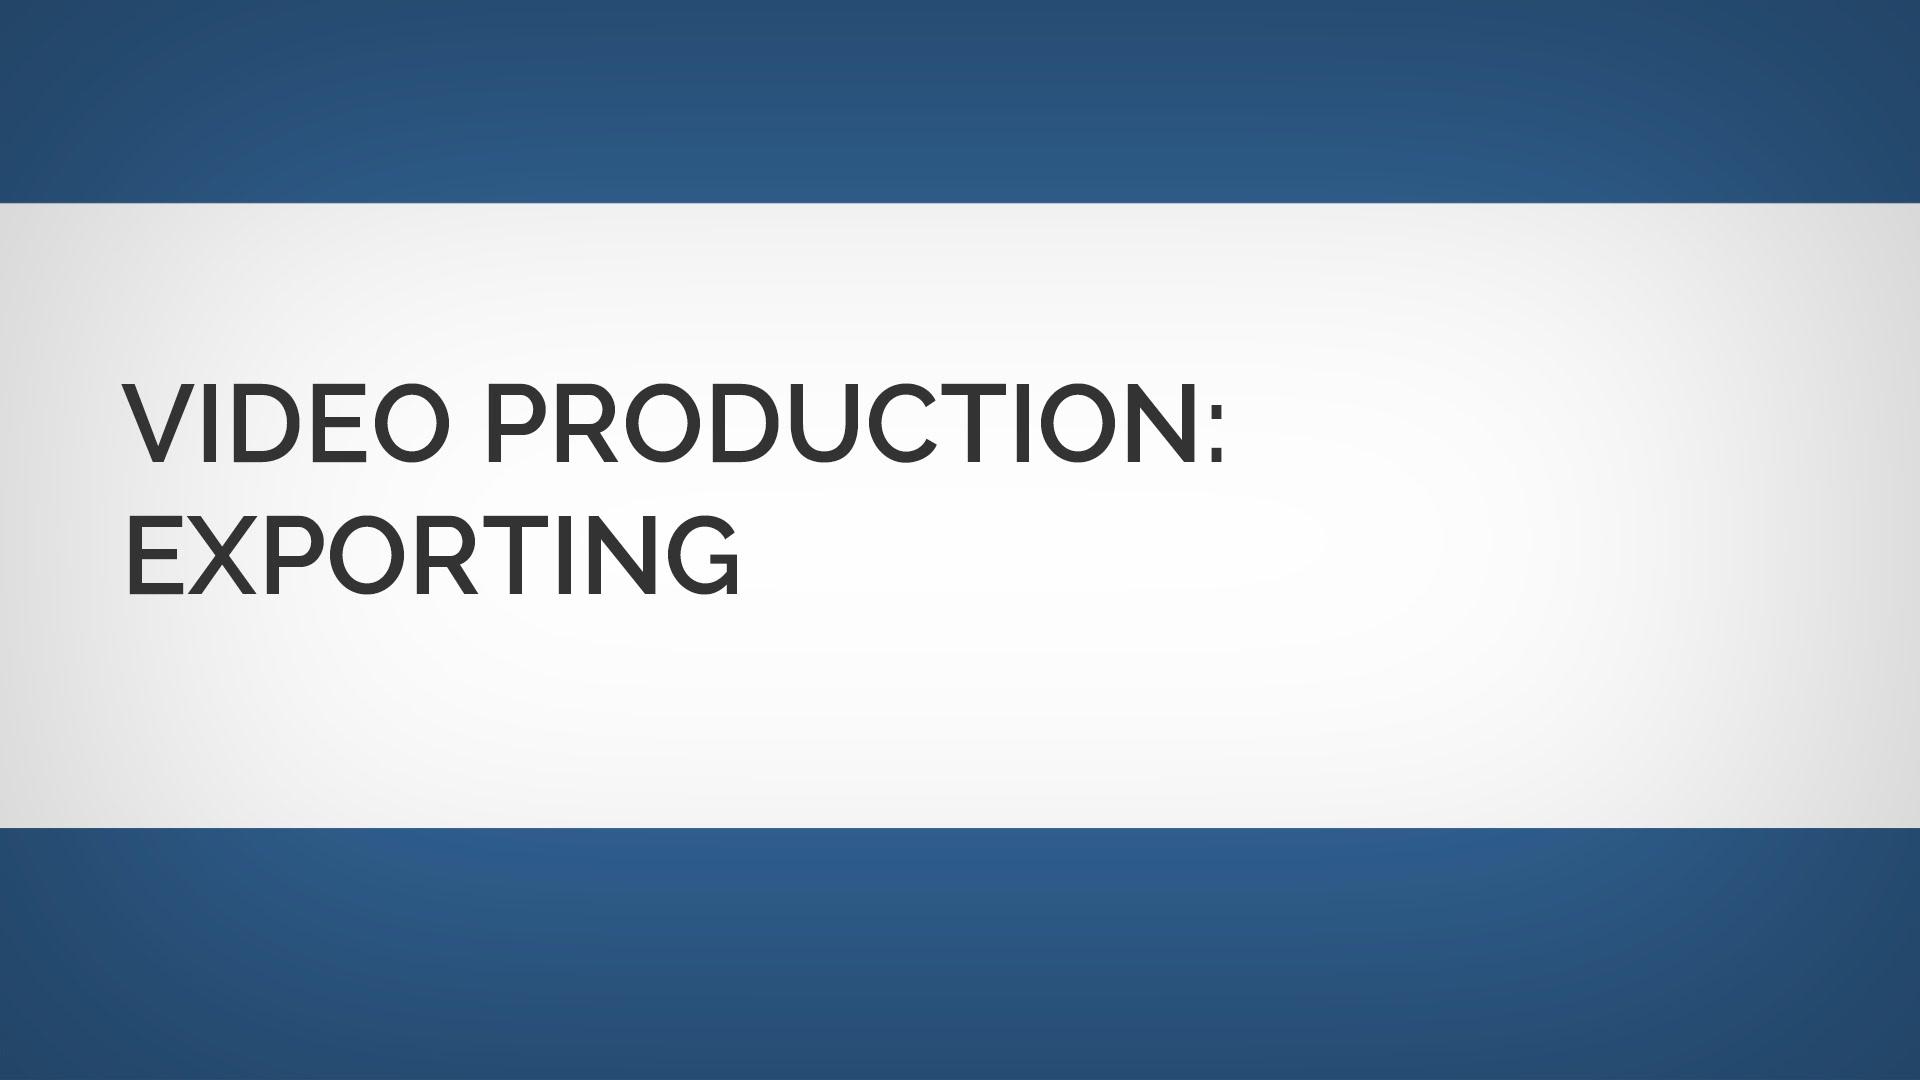 ビデオ制作:ビデオの書き出し